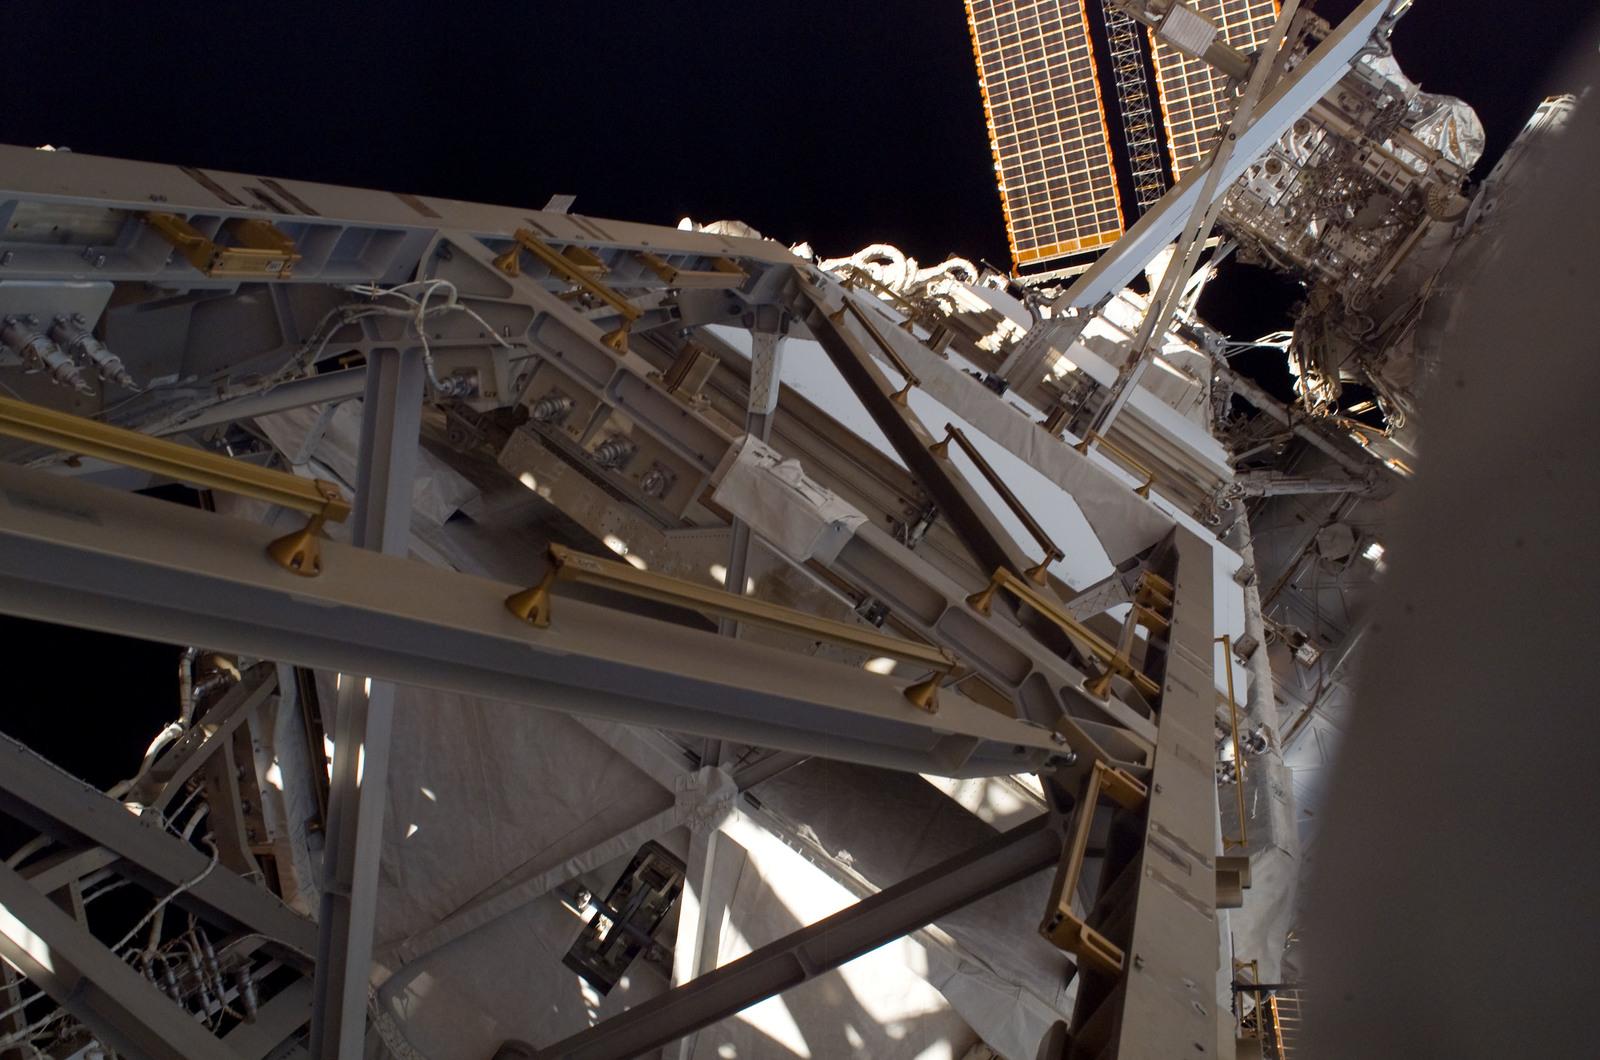 S120E008274 - STS-120 - EVA3 - P5 Truss